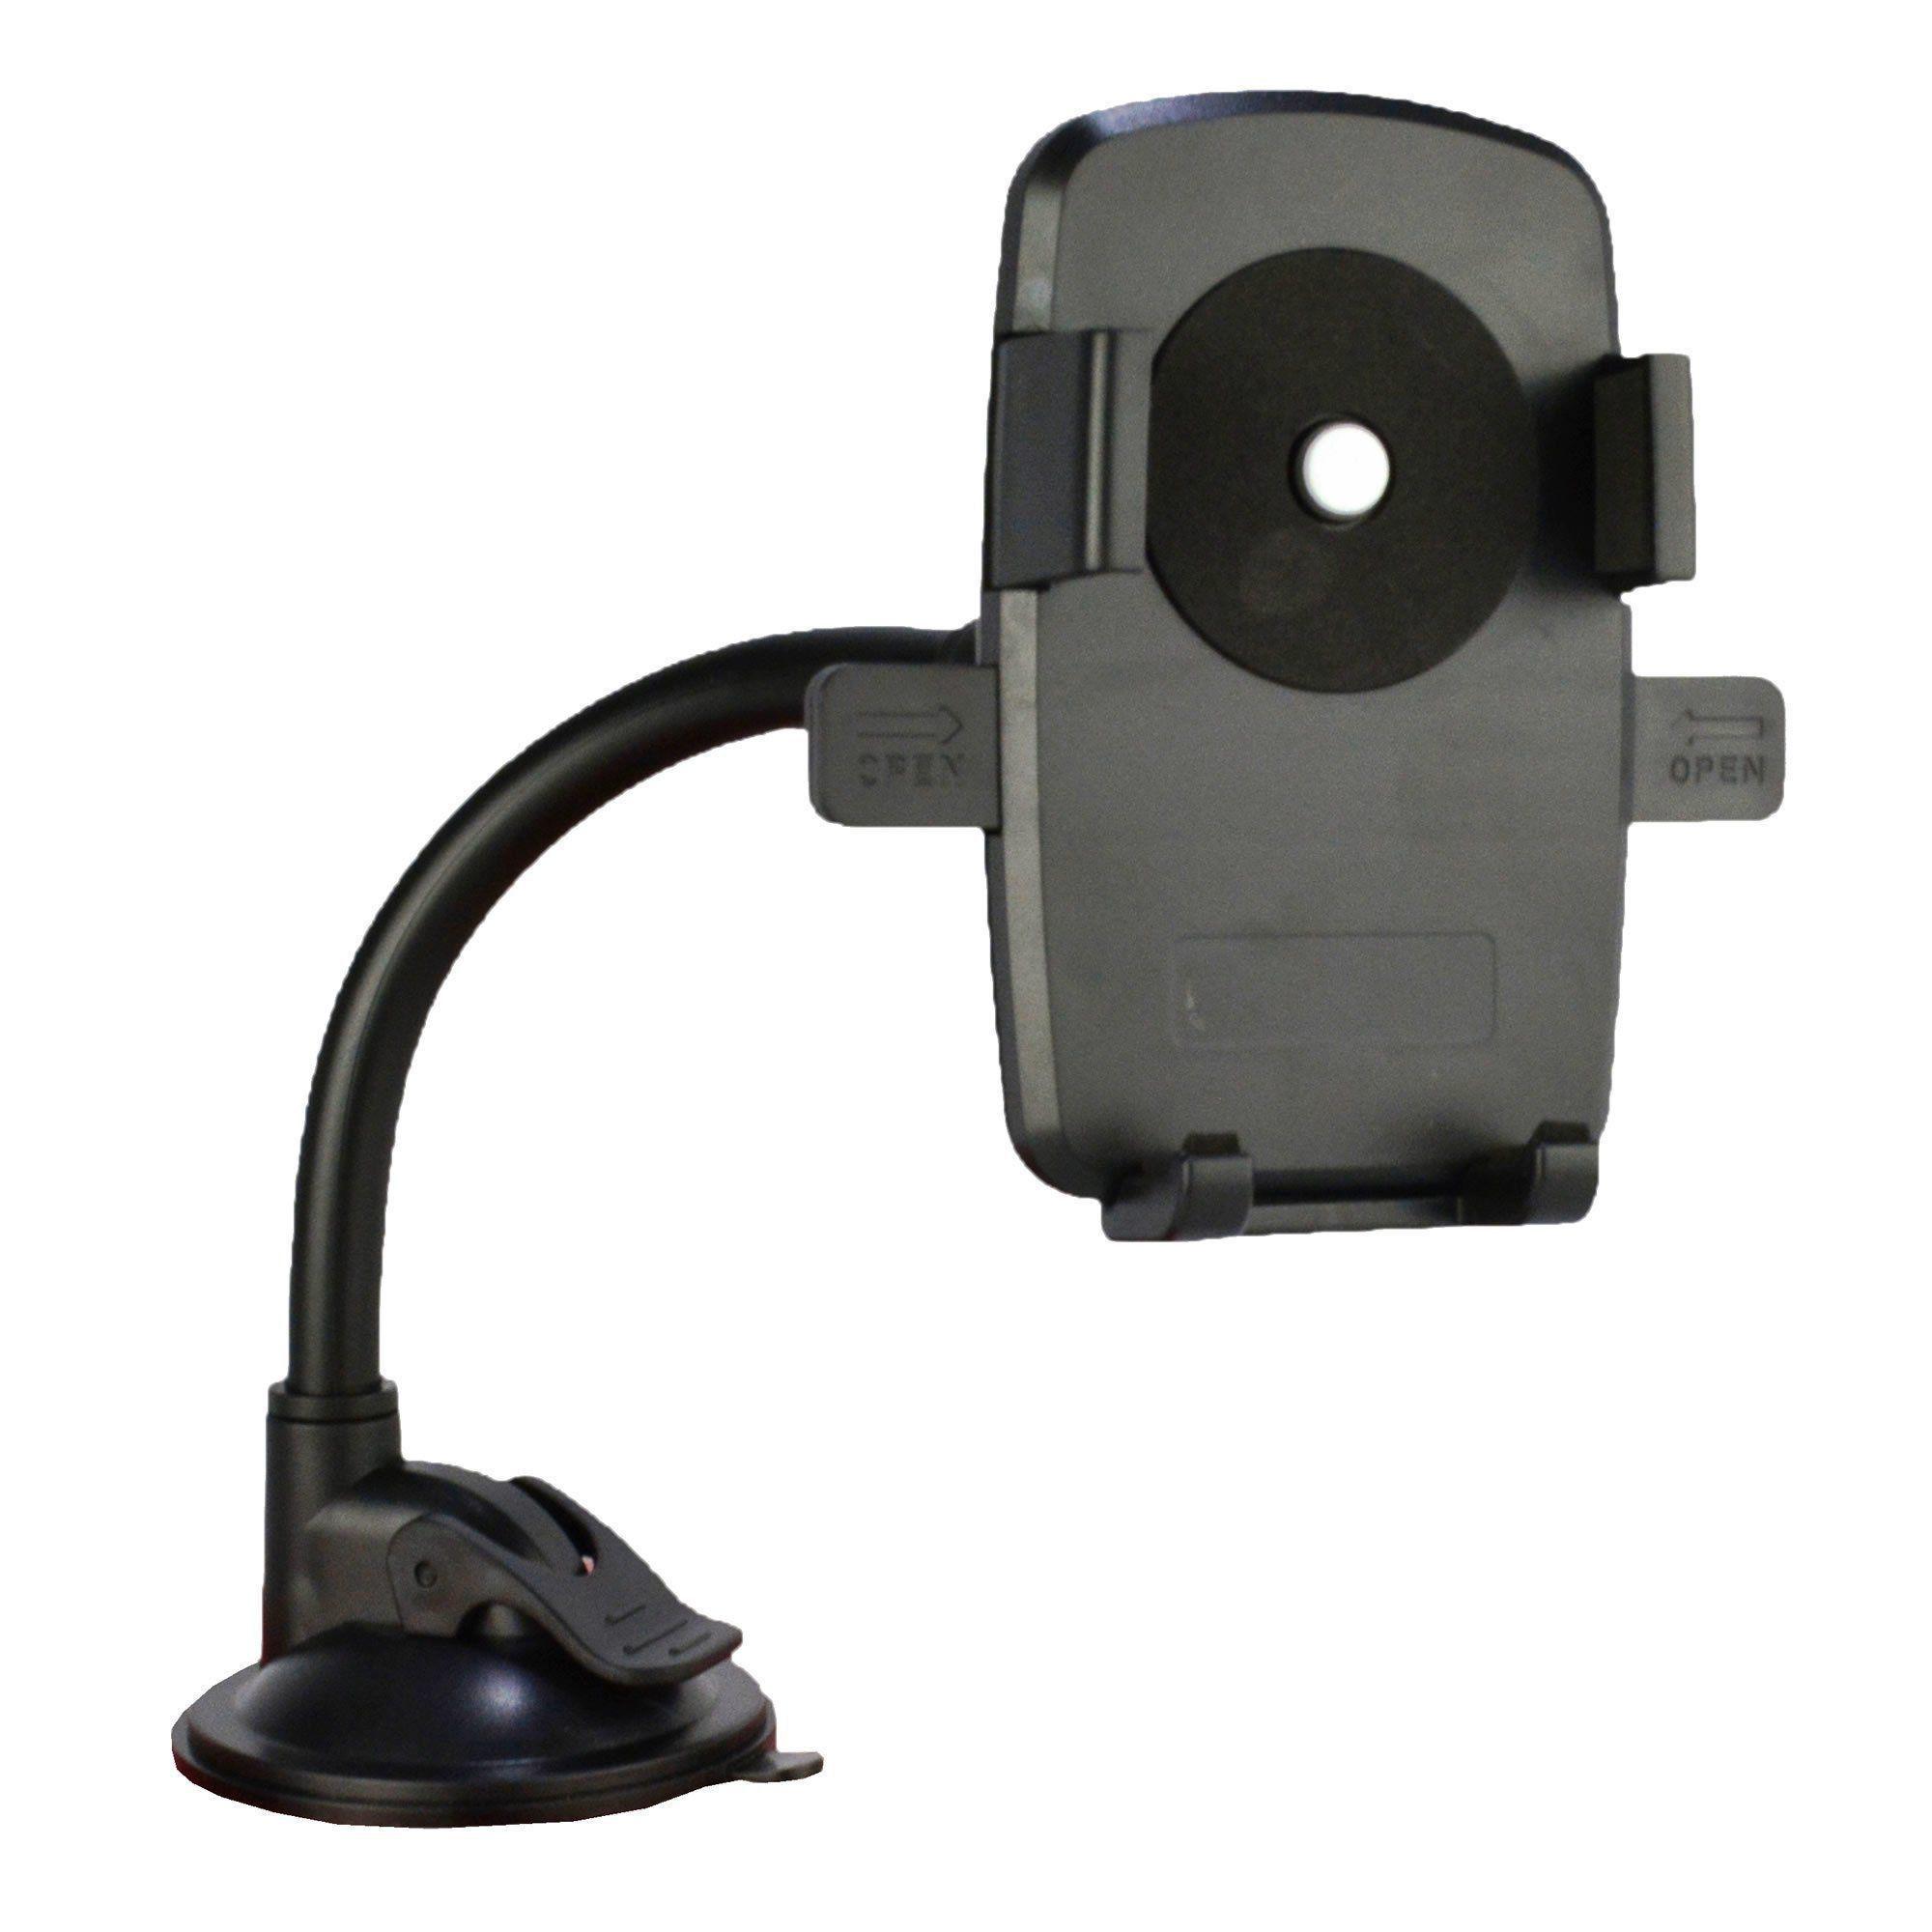 Suporte Para Celular Veicular Ventosa Preto CBRN08605